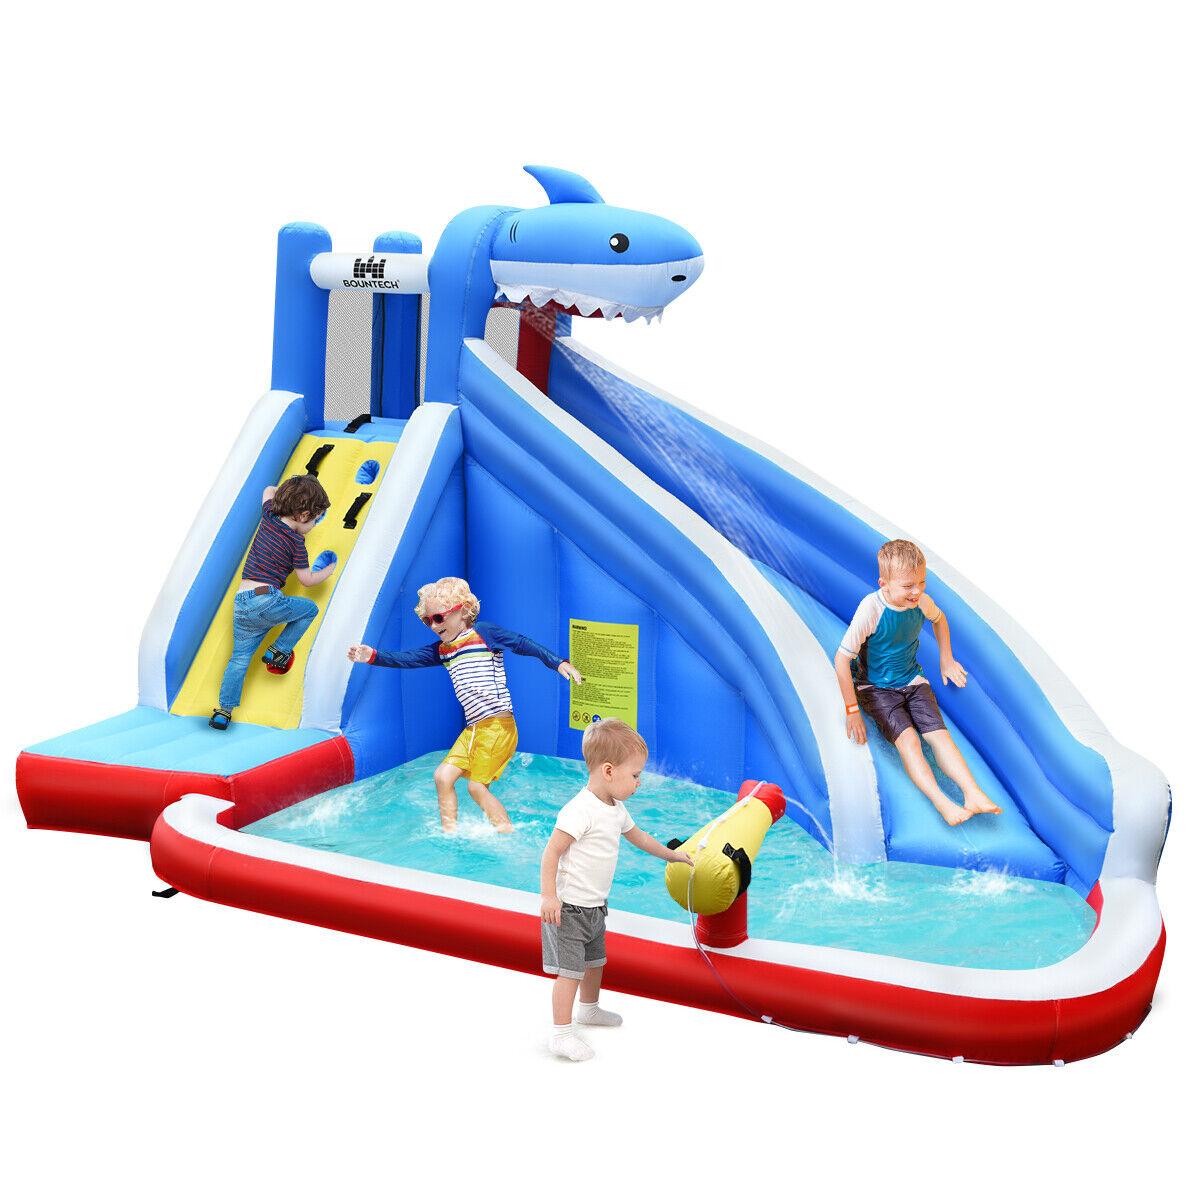 Hüpfburg Wasserrutsche Spielpool, Wasserspielcenter aufblasbar, Planschbecken 39